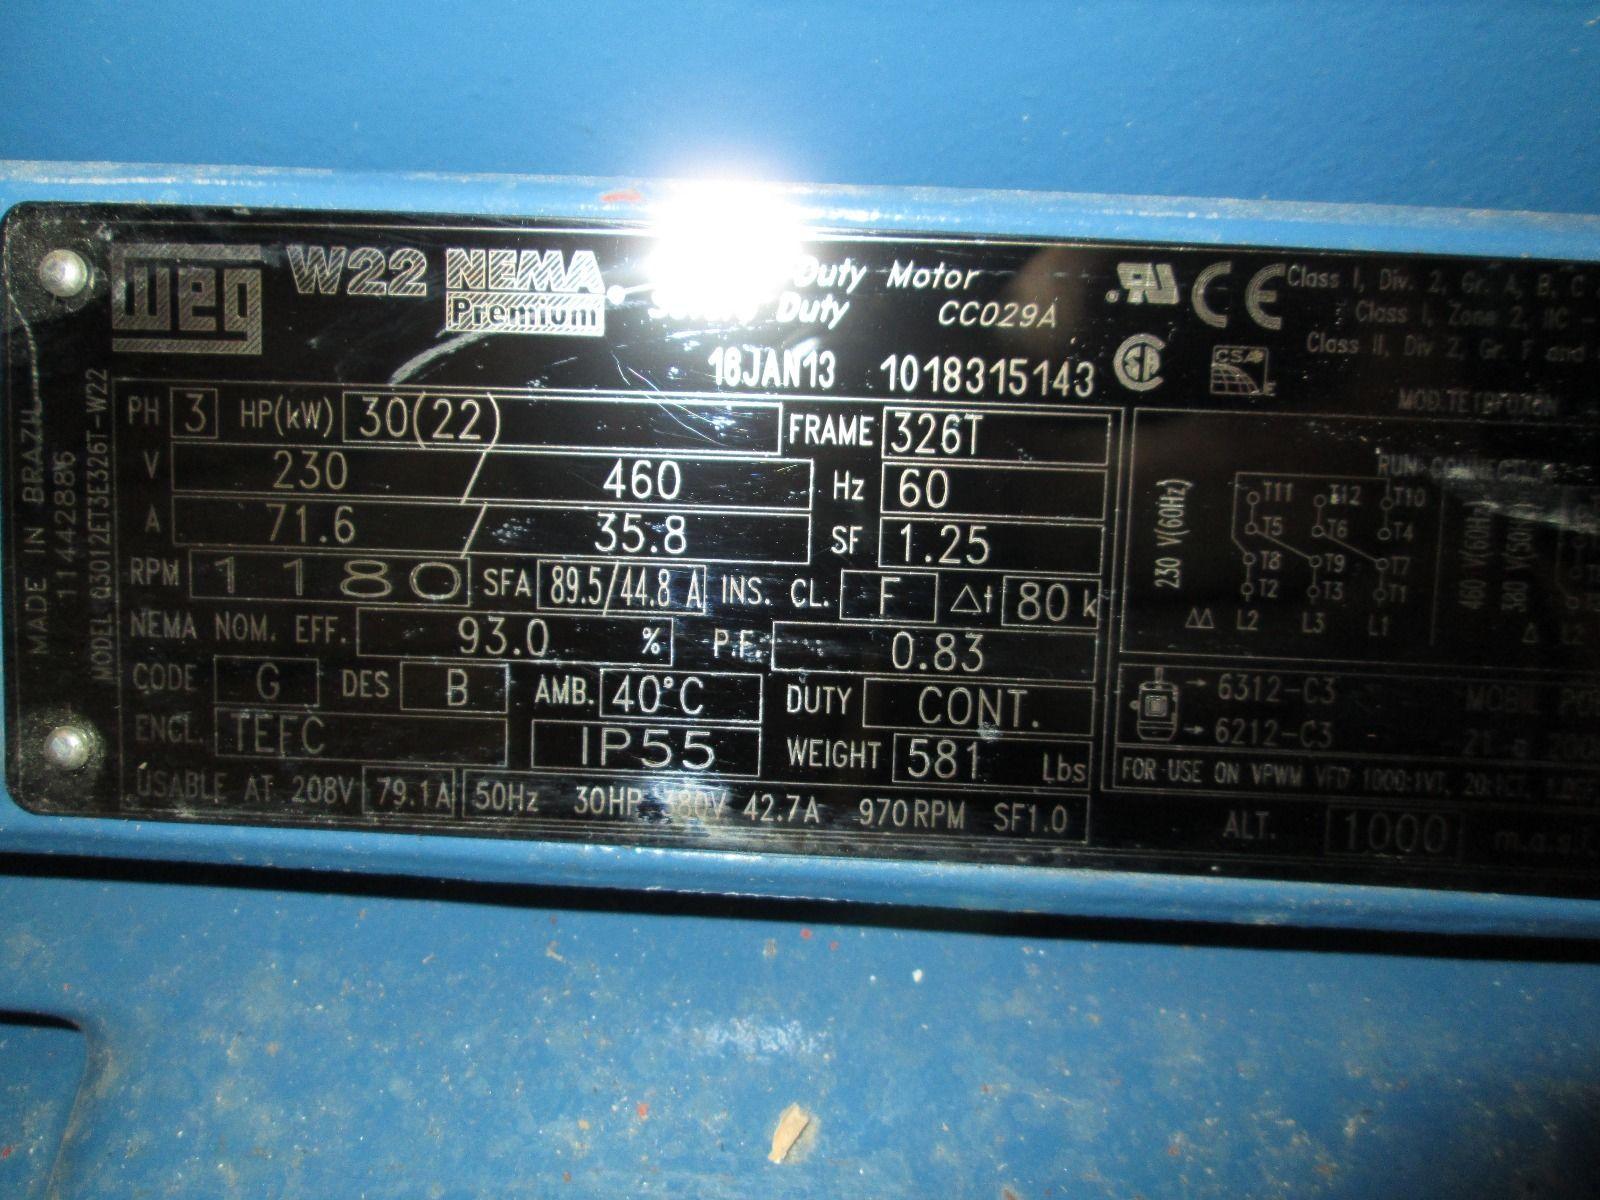 WEG 30 HP W22 NEMA Premium Motor